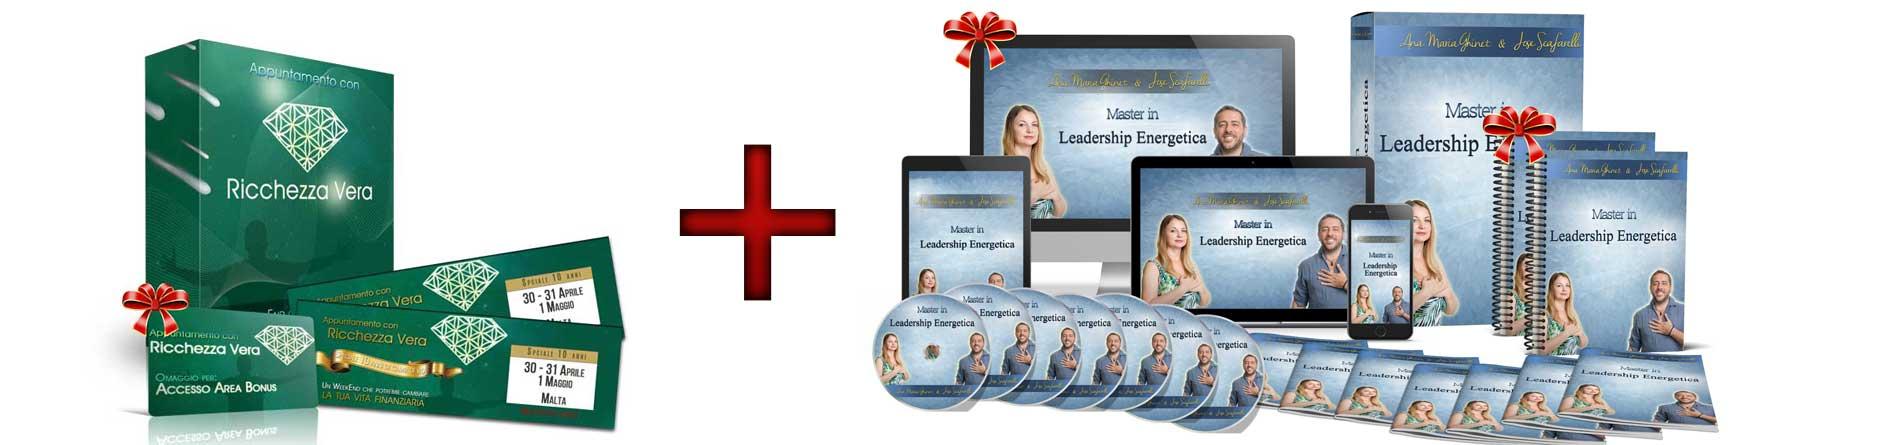 Appuntamento Con la Ricchezza Vera + Master in Leadership Energetica